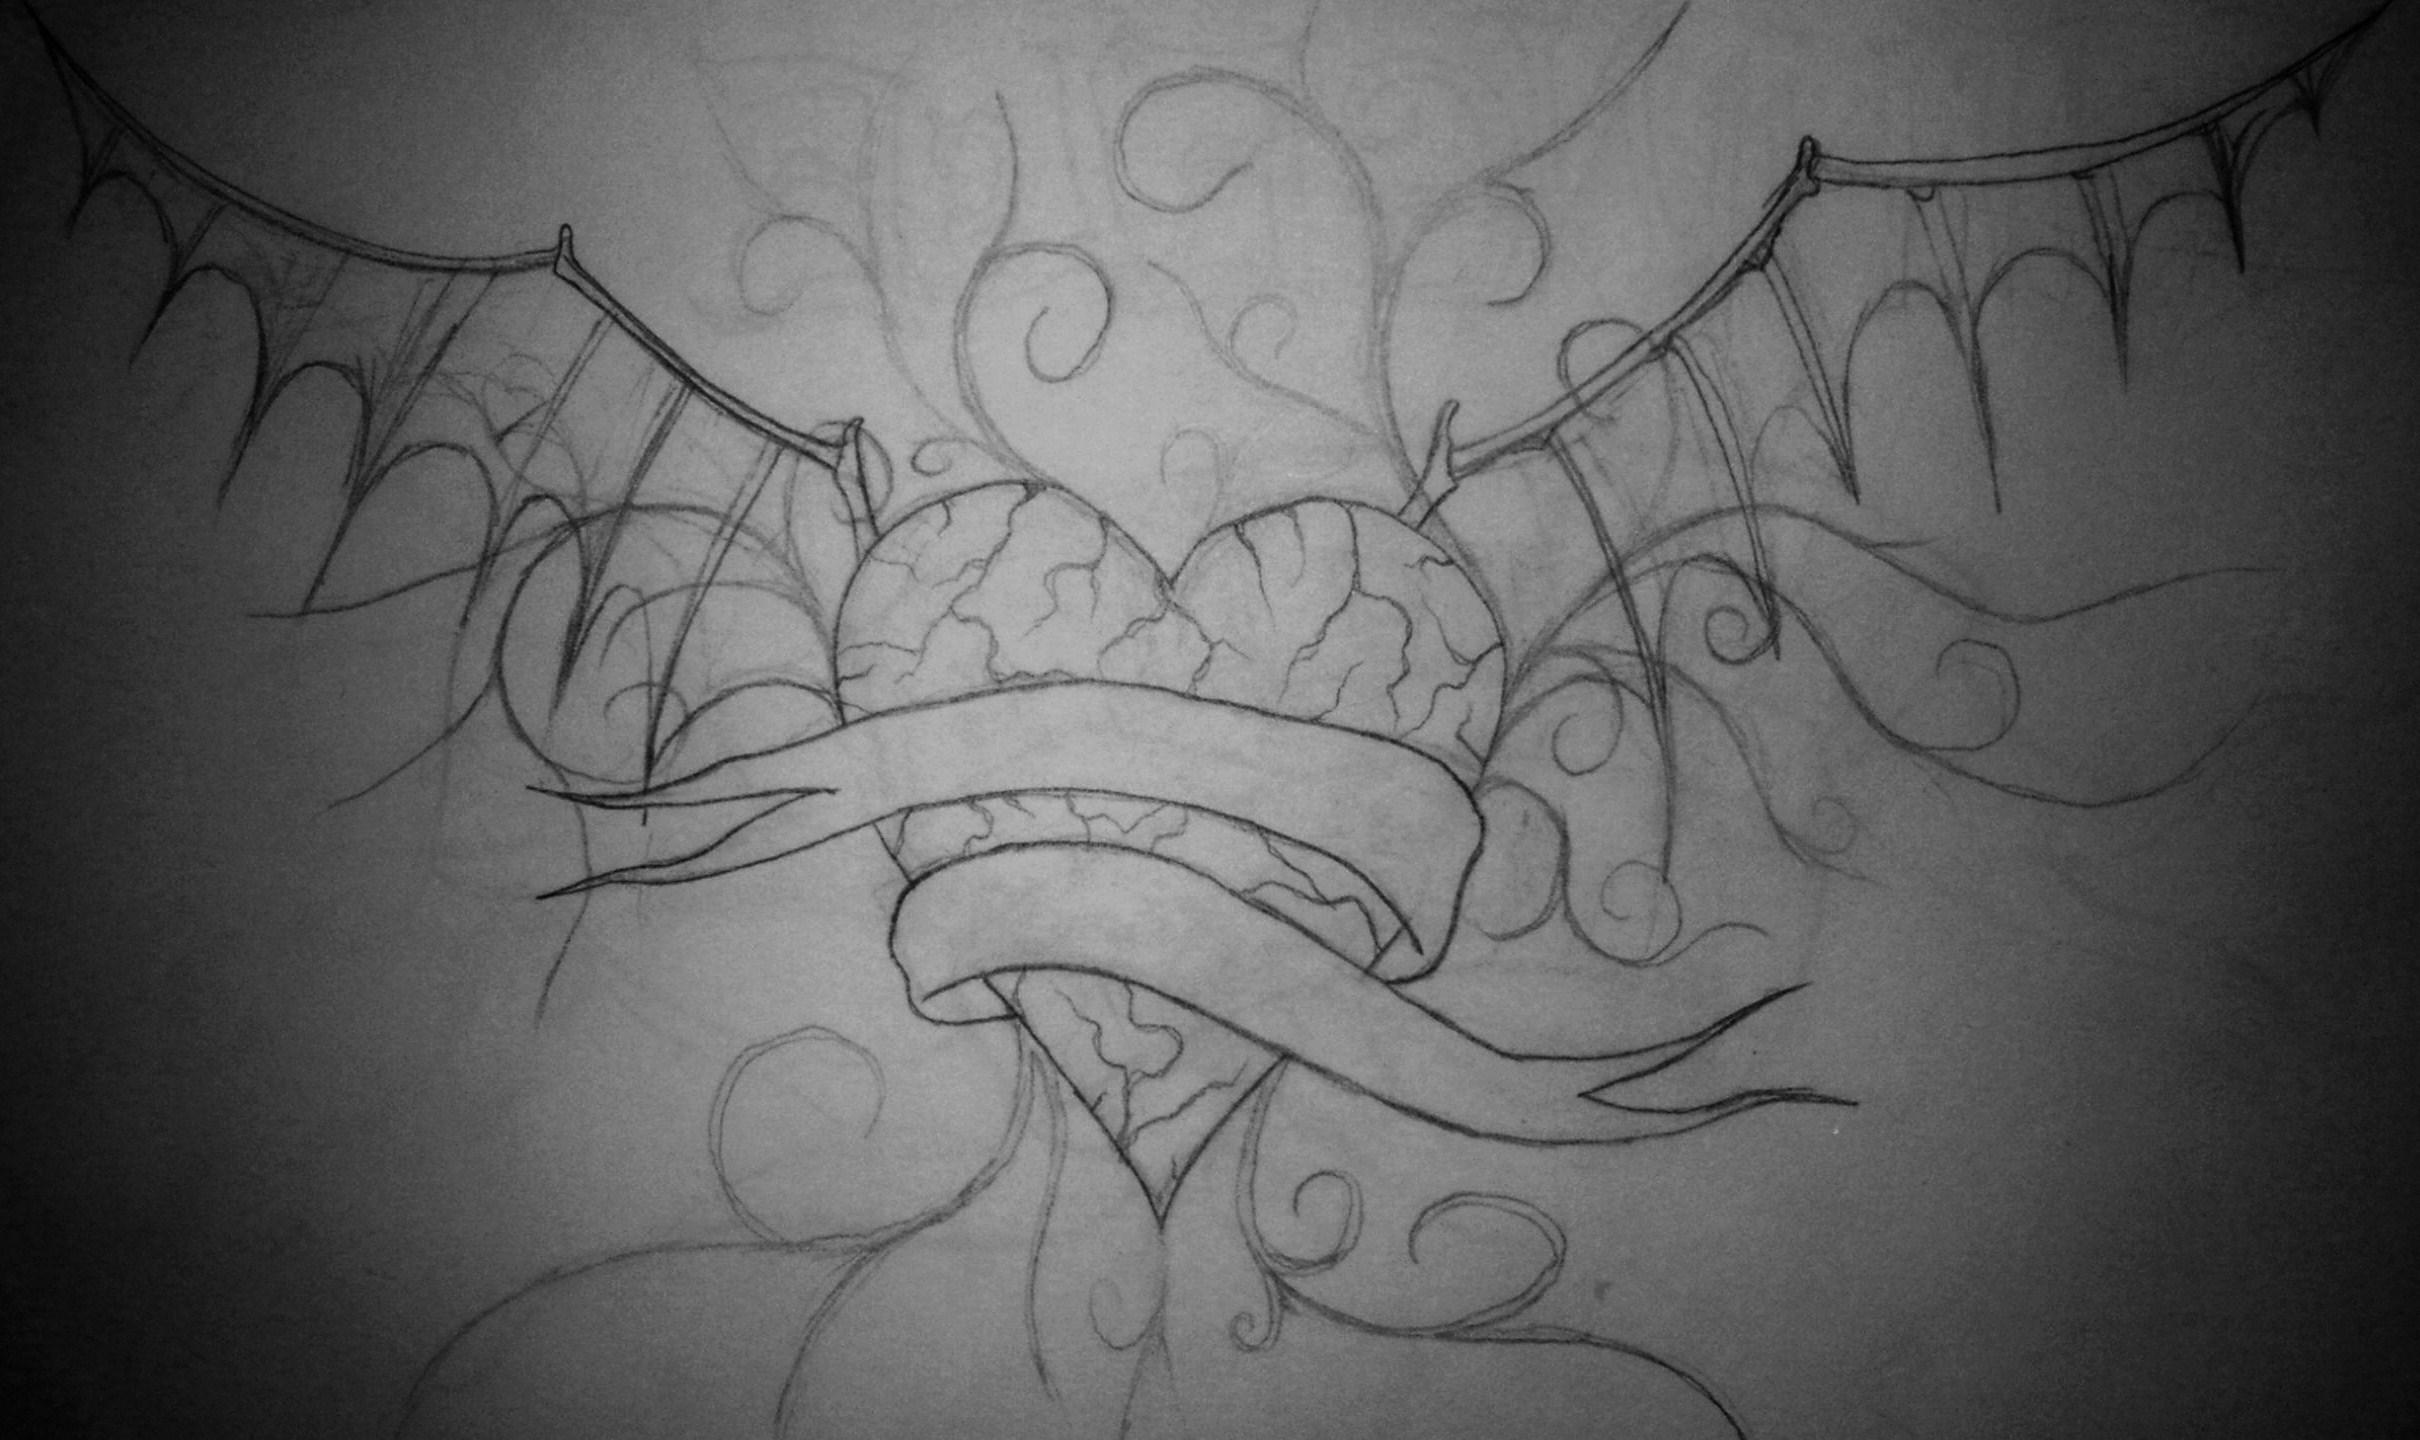 Heart Tattoo Bat Wings by Weenerman